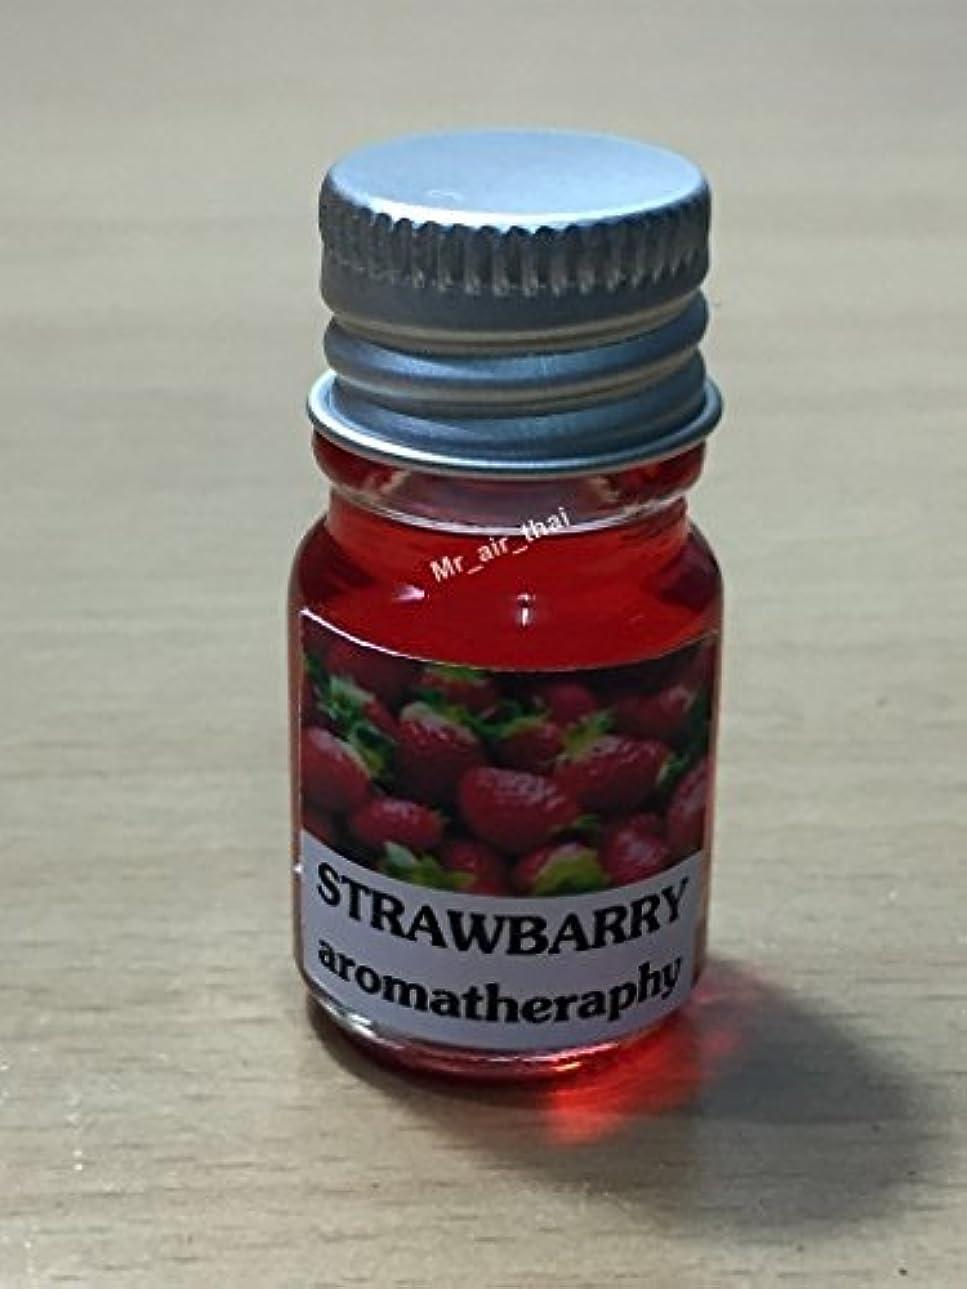 後ろ、背後、背面(部アクロバット驚き5ミリリットルアロマイチゴフランクインセンスエッセンシャルオイルボトルアロマテラピーオイル自然自然5ml Aroma Strawberry Frankincense Essential Oil Bottles Aromatherapy...